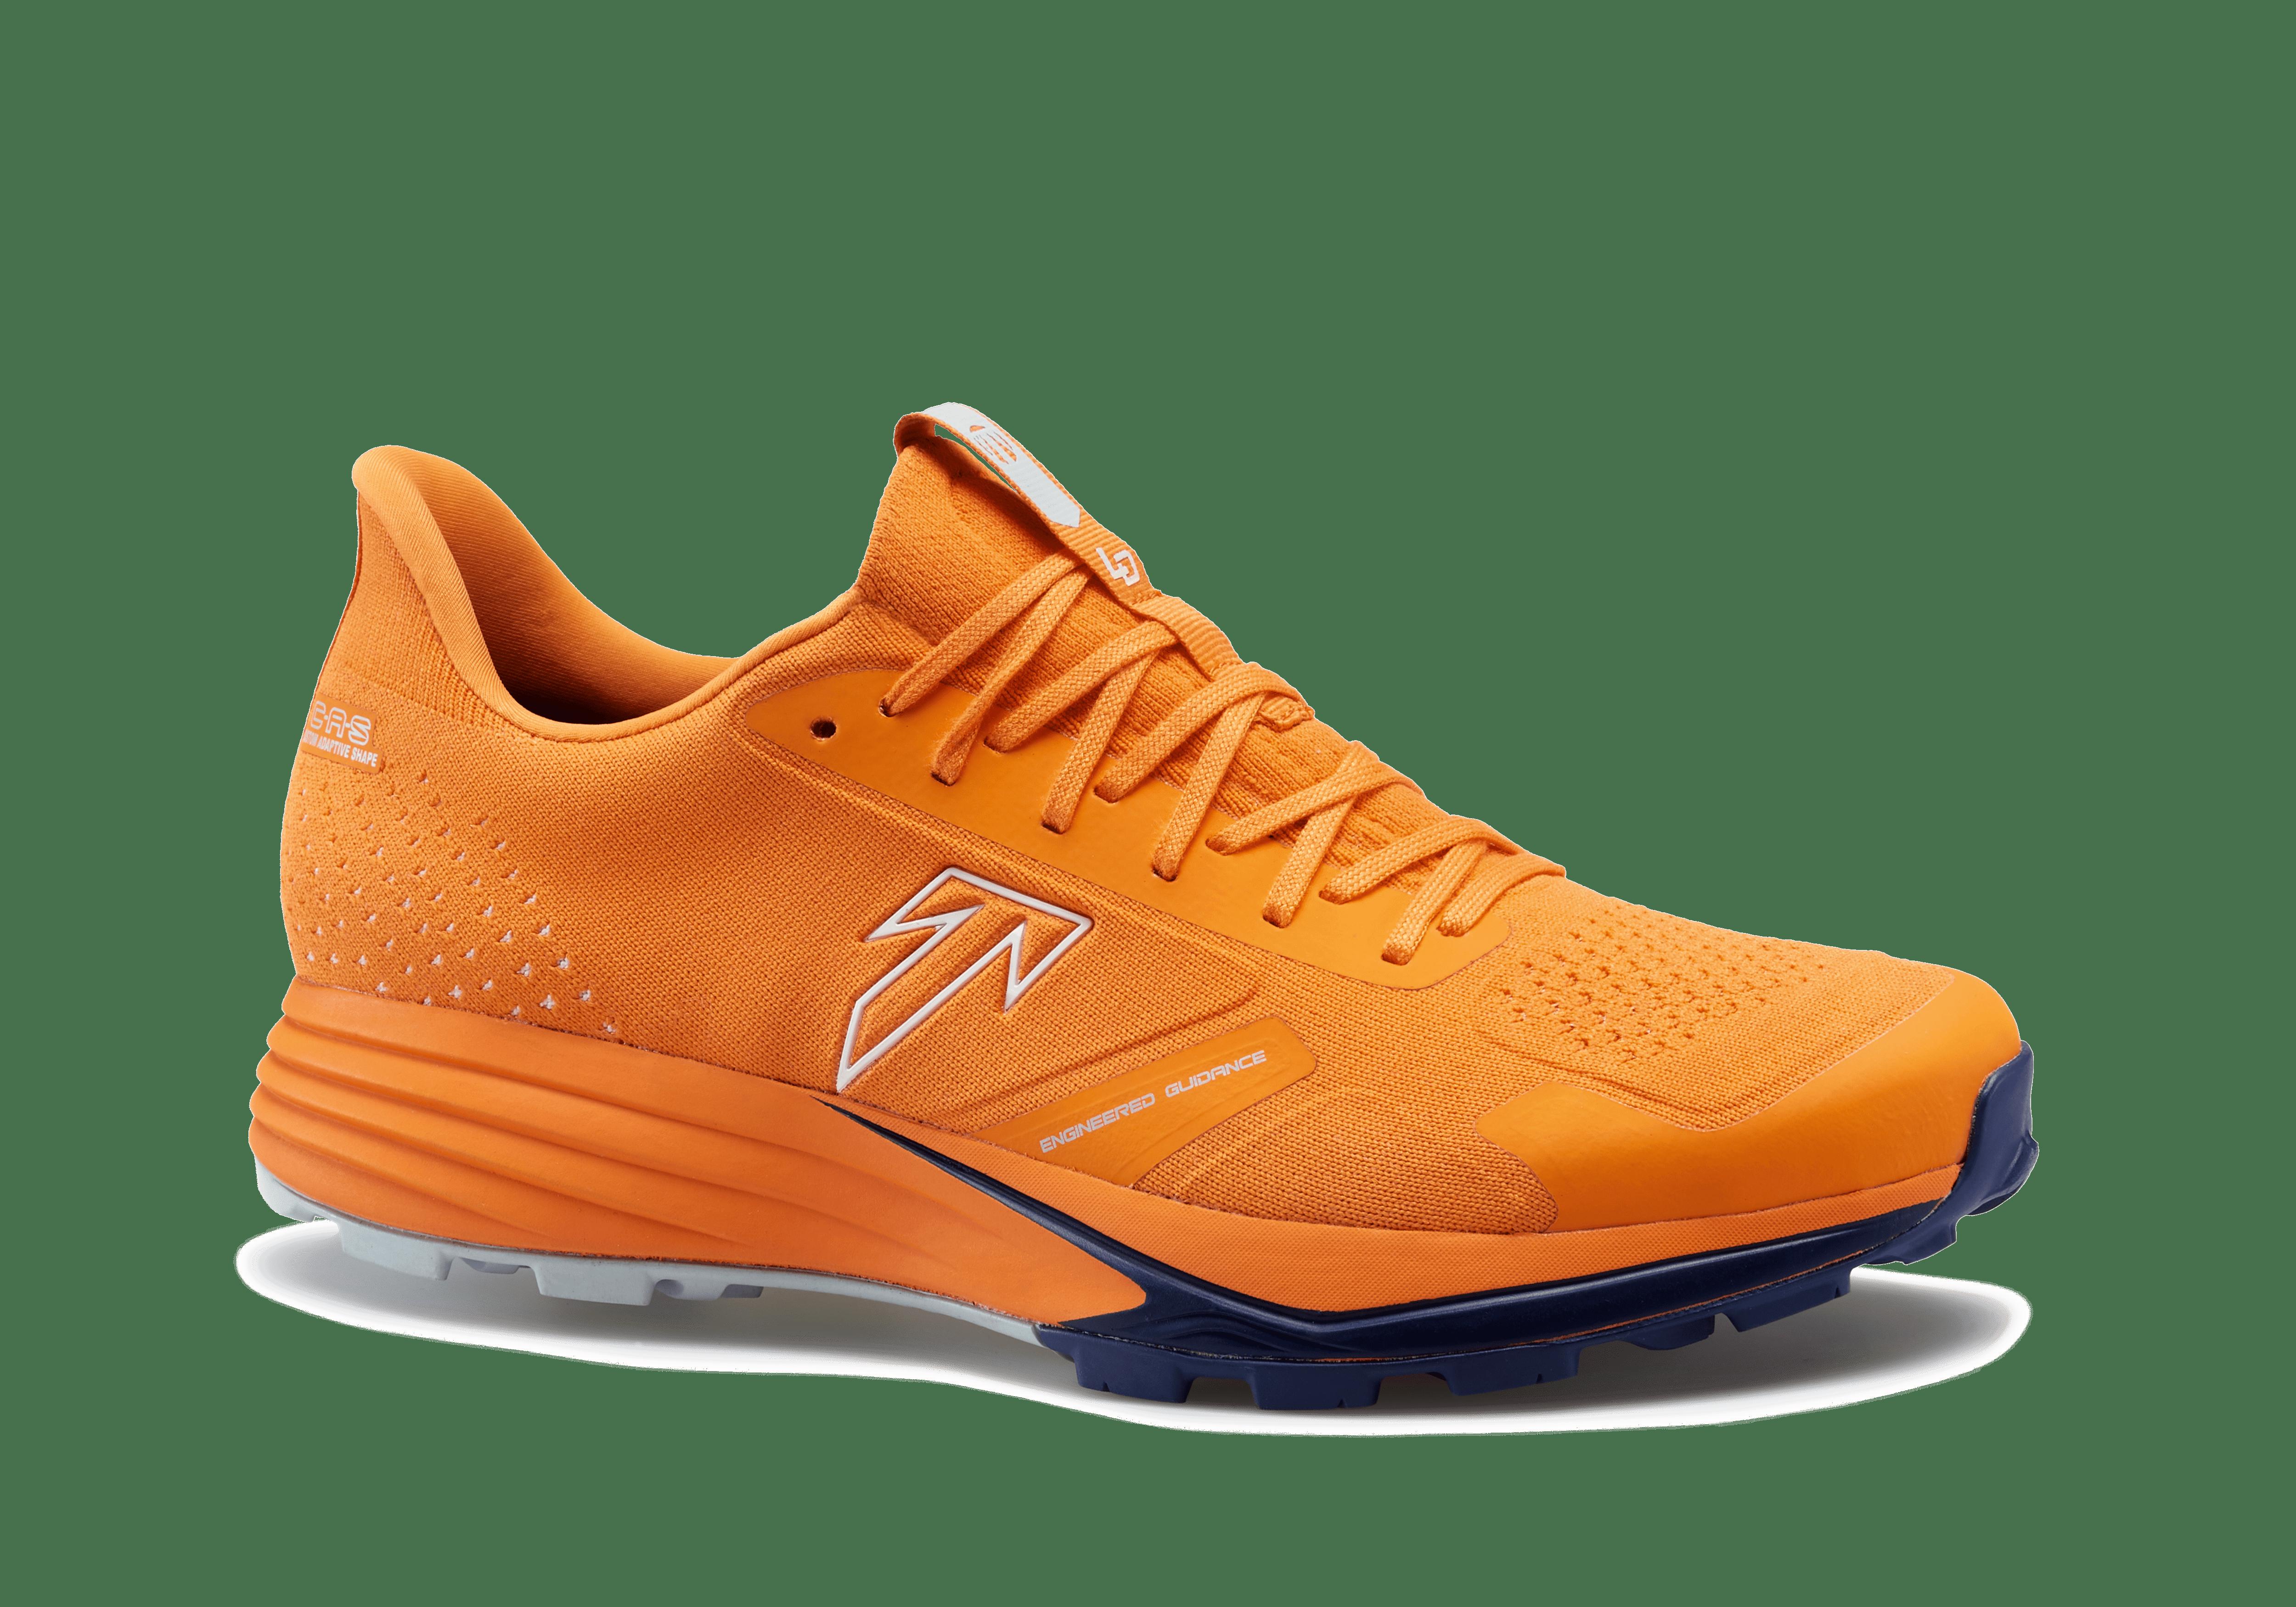 TECNICA modello ORIGIN LD MS Vibram® Megagrip arancio